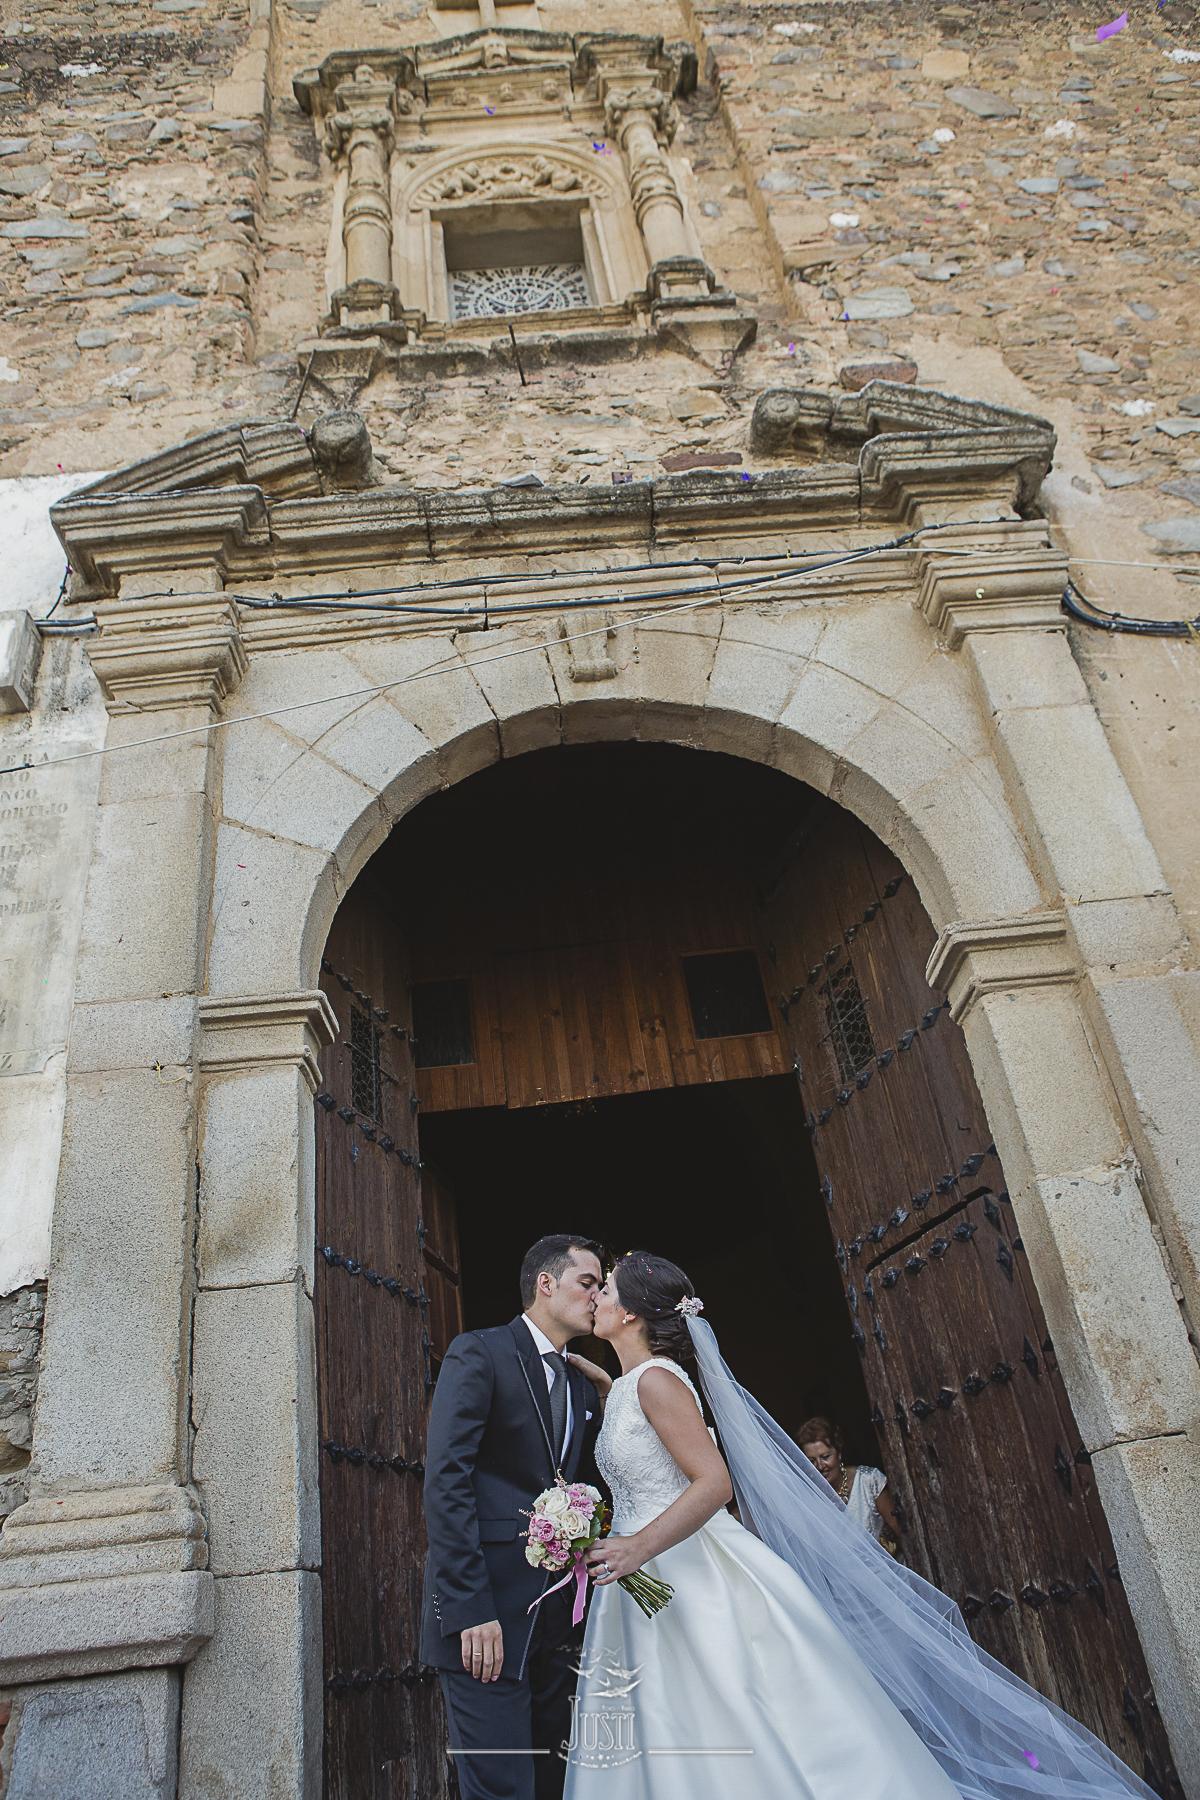 foto-video-justi-boda-en-orellana-la-vieja-las-granadas-coronadas-55-de-65